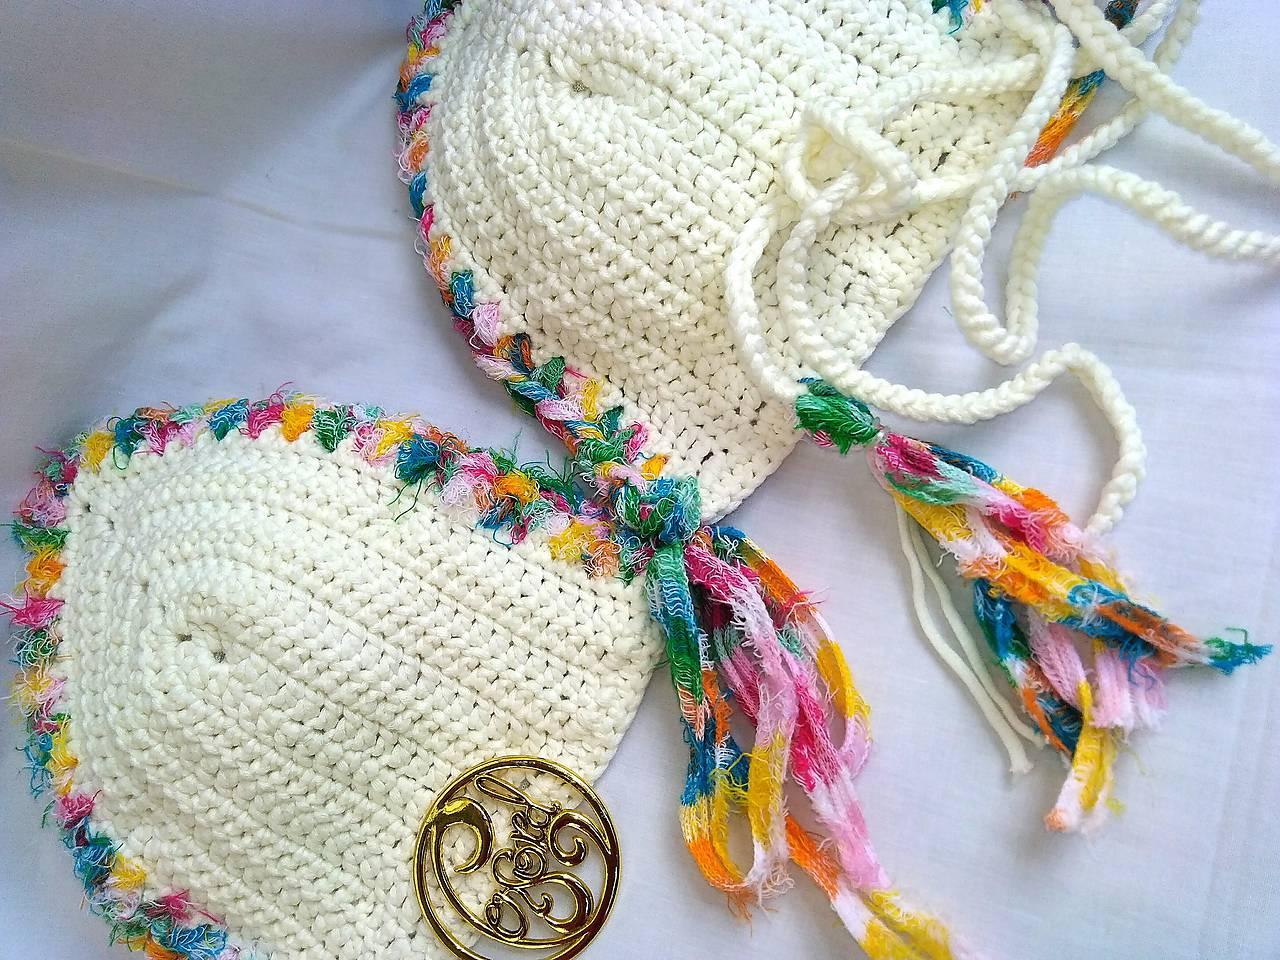 ba1335ad7dd Háčkované plavky BOHO STYLE II   TerkastudiO - SAShE.sk - Handmade ...